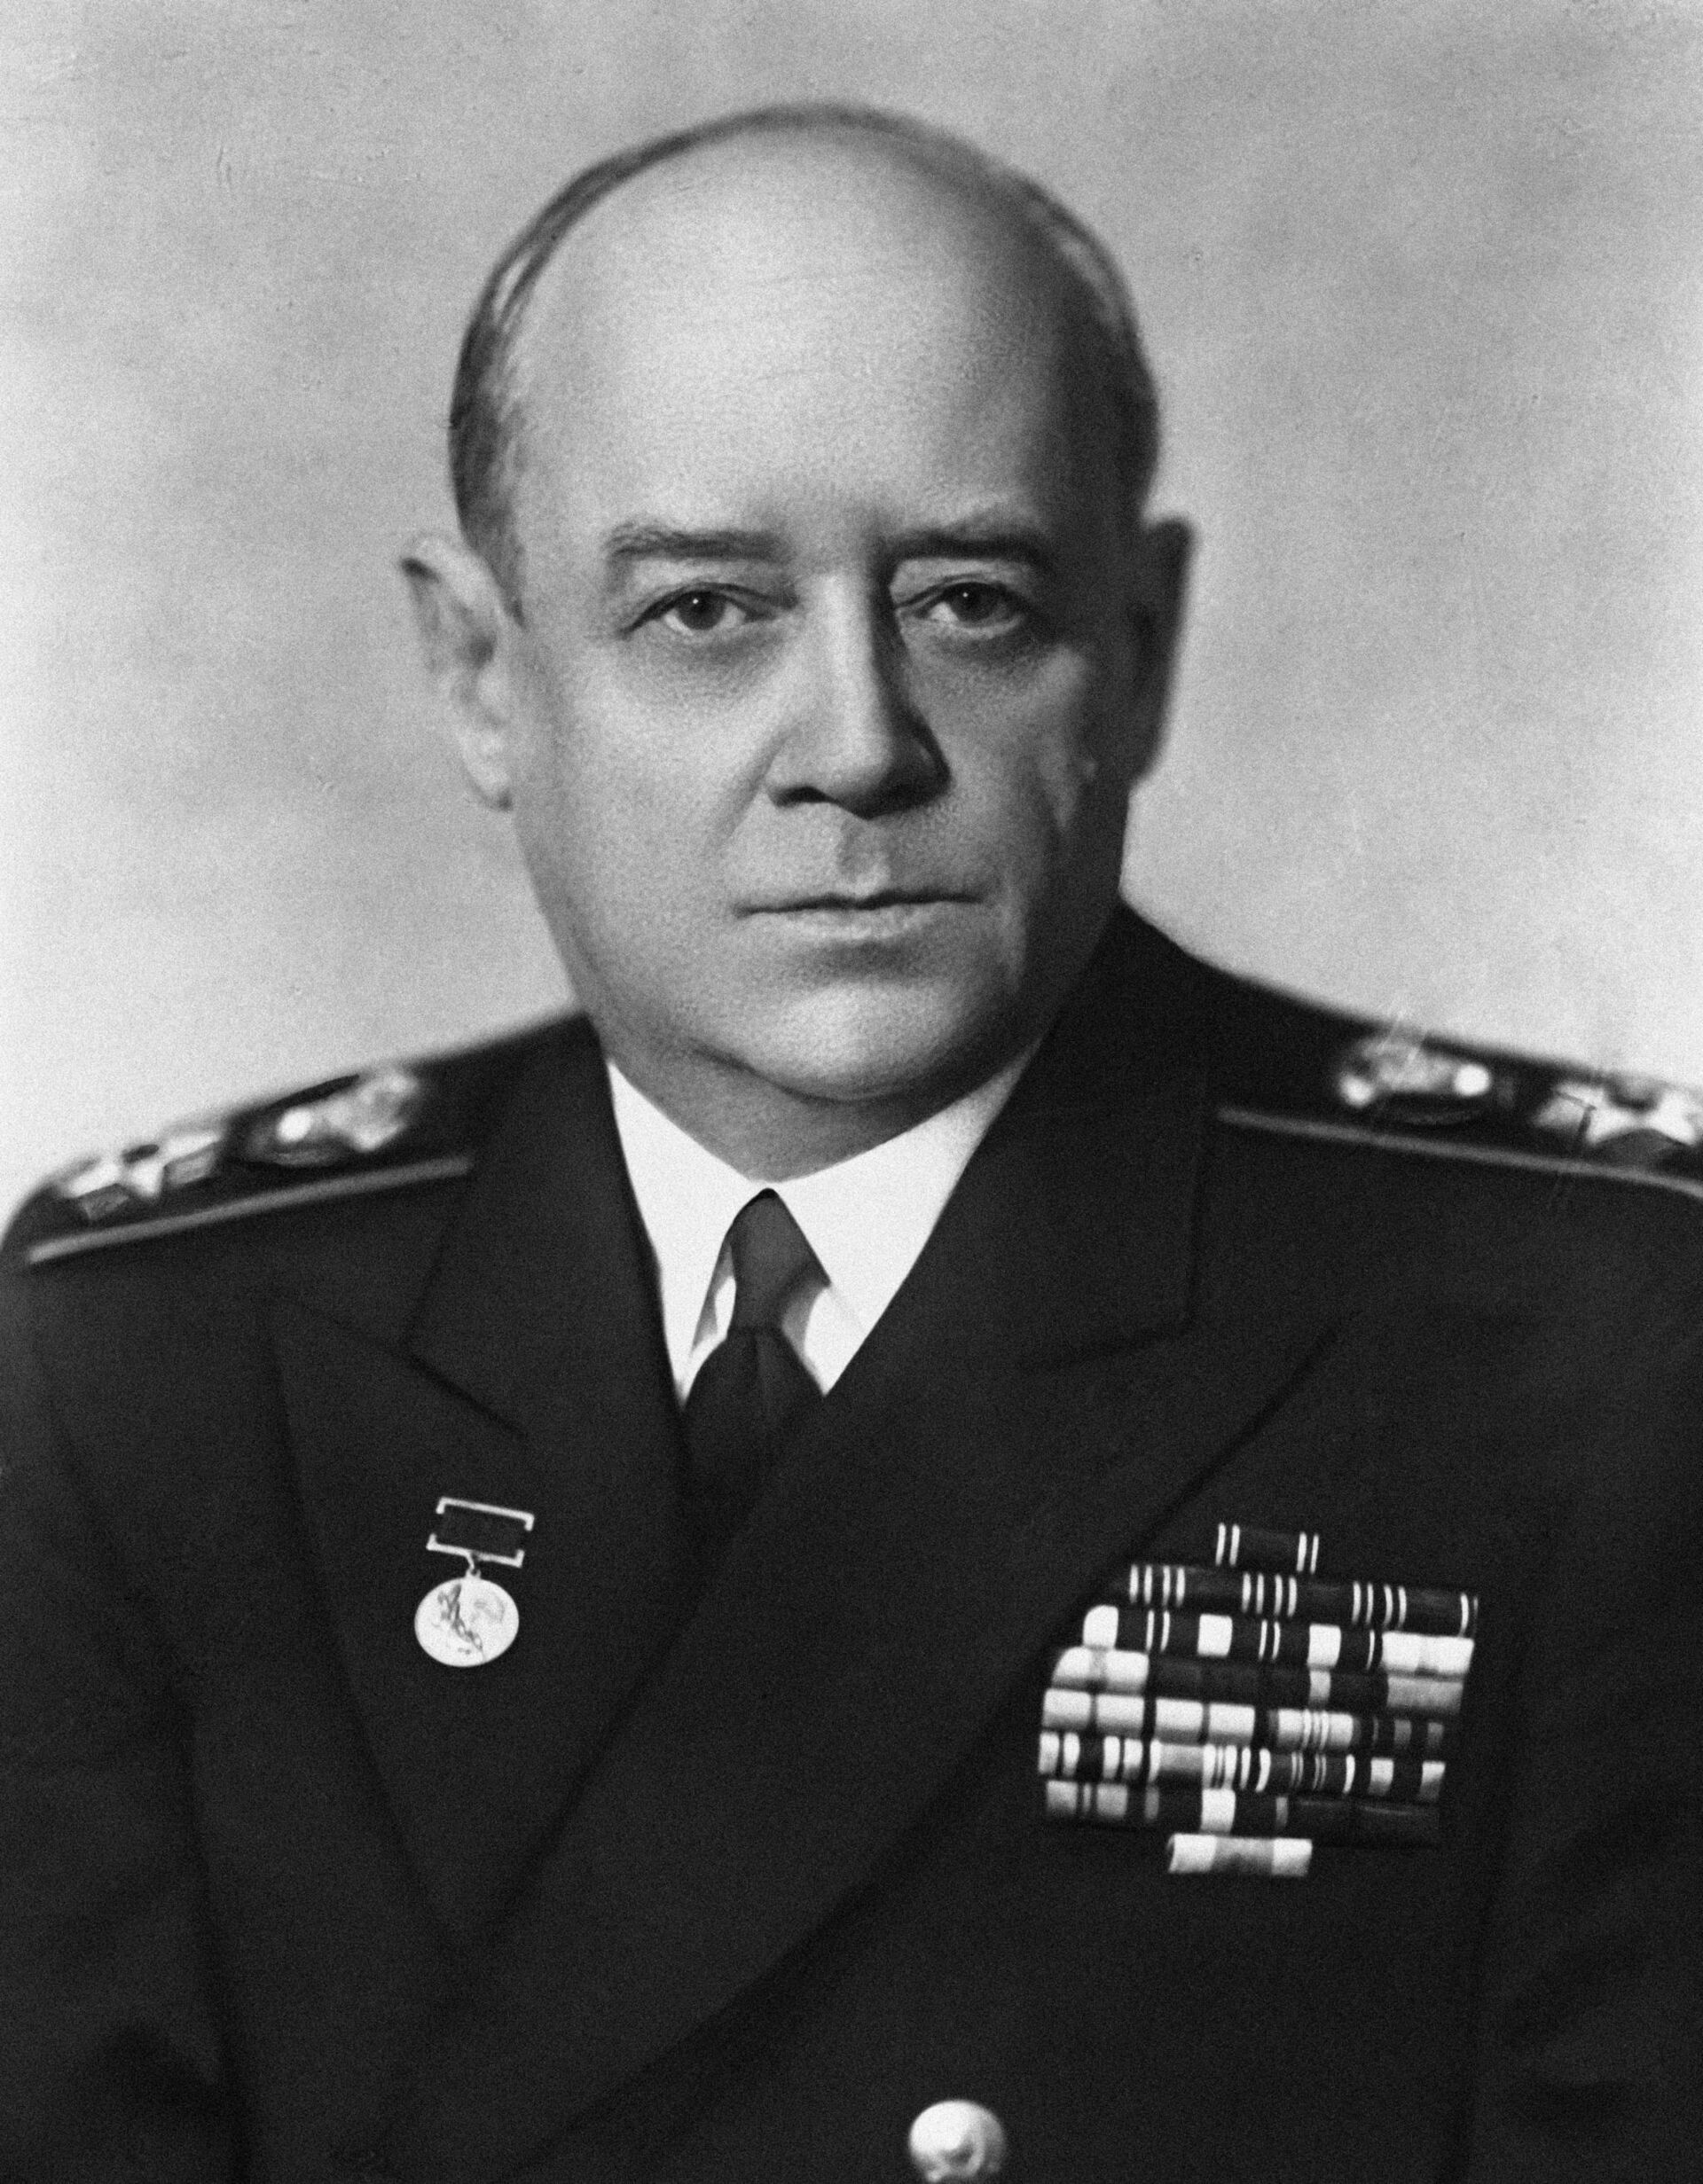 Медики в строю: как адмирала Исакова прооперировали в Тбилиси по указу Сталина - Sputnik Грузия, 1920, 07.05.2021